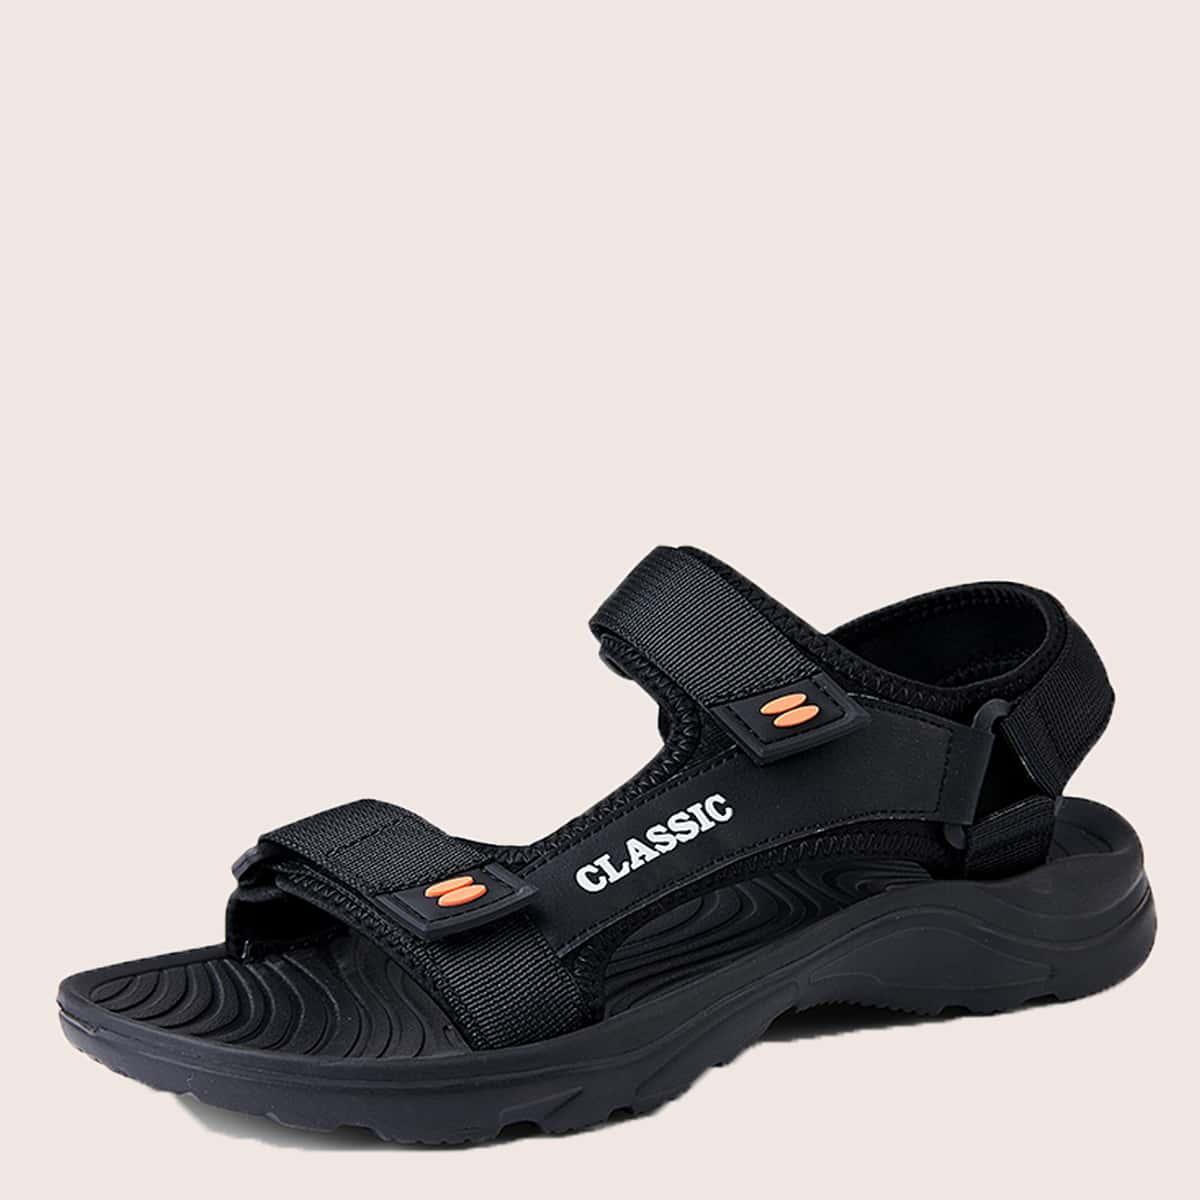 SHEIN Heren letter grafische klittenband sandalen